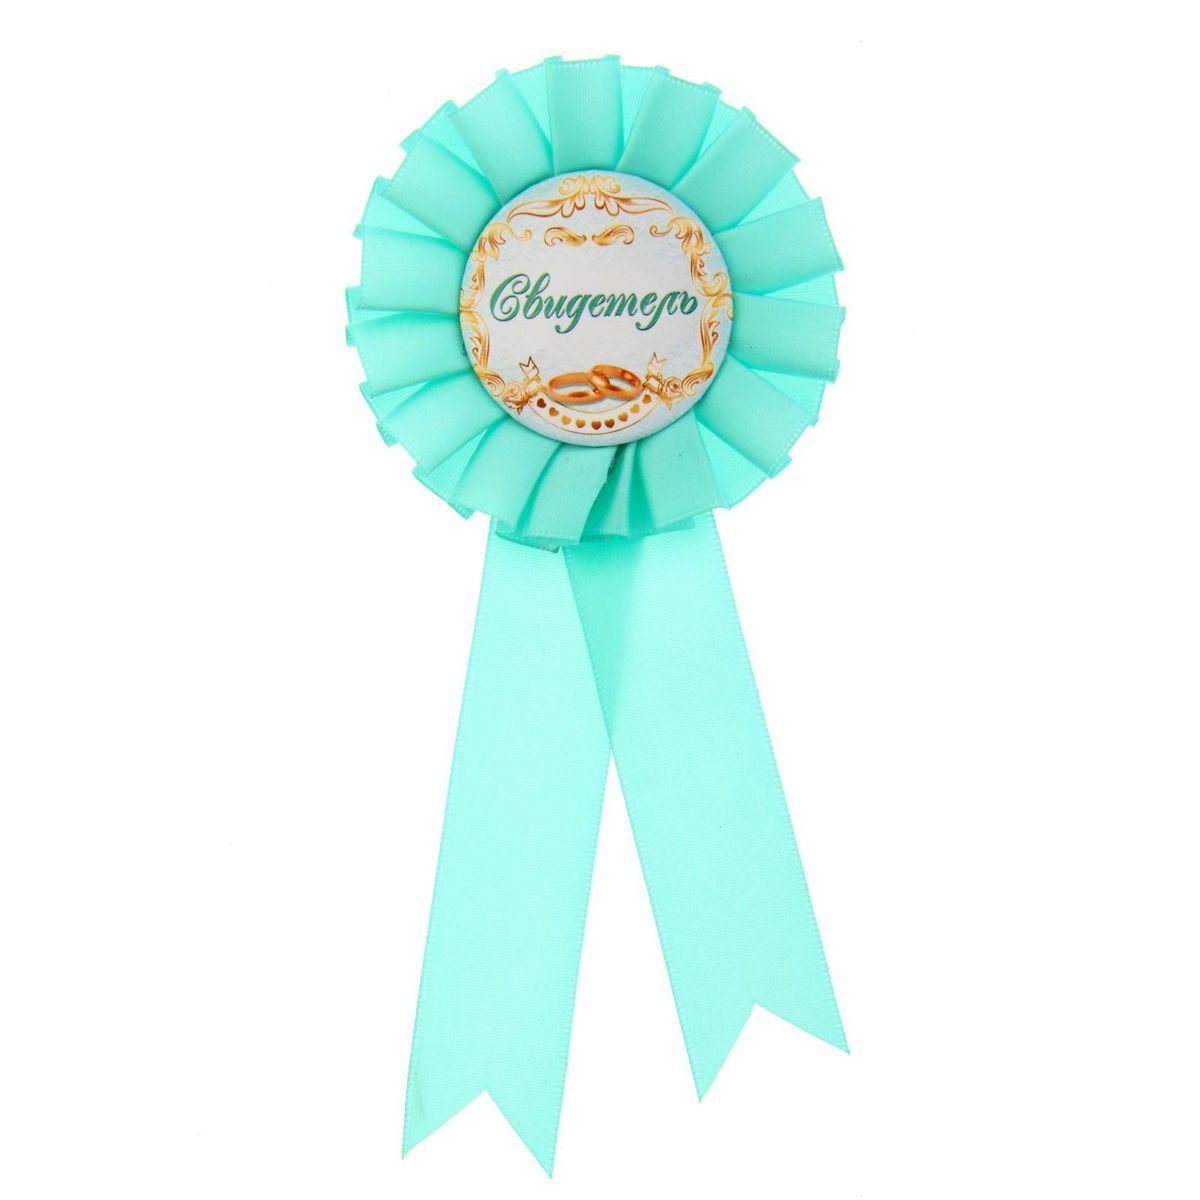 Значок-розетка Sima-land Свидетель, цвет: голубой, 17,5 x 8 x 2 см1235413Когда на носу торжественное событие, так хочется окружить себя яркими красками и счастливыми улыбками! Порадуйте родных и близких эффектной и позитивной наградой, которую уж точно будет видно издалека! Свадебный значок Свидетель изготовлен из лёгкого пластика и декорирован яркими бирюзовыми лентами. Аксессуар поможет создать праздничное настроение на свадьбе и подчеркнёт важность роли гостя. Изделие дополнено булавкой, чтобы его сразу можно было надеть. Значок обязательно придётся по вкусу тому, кто любит быть в центре внимания.